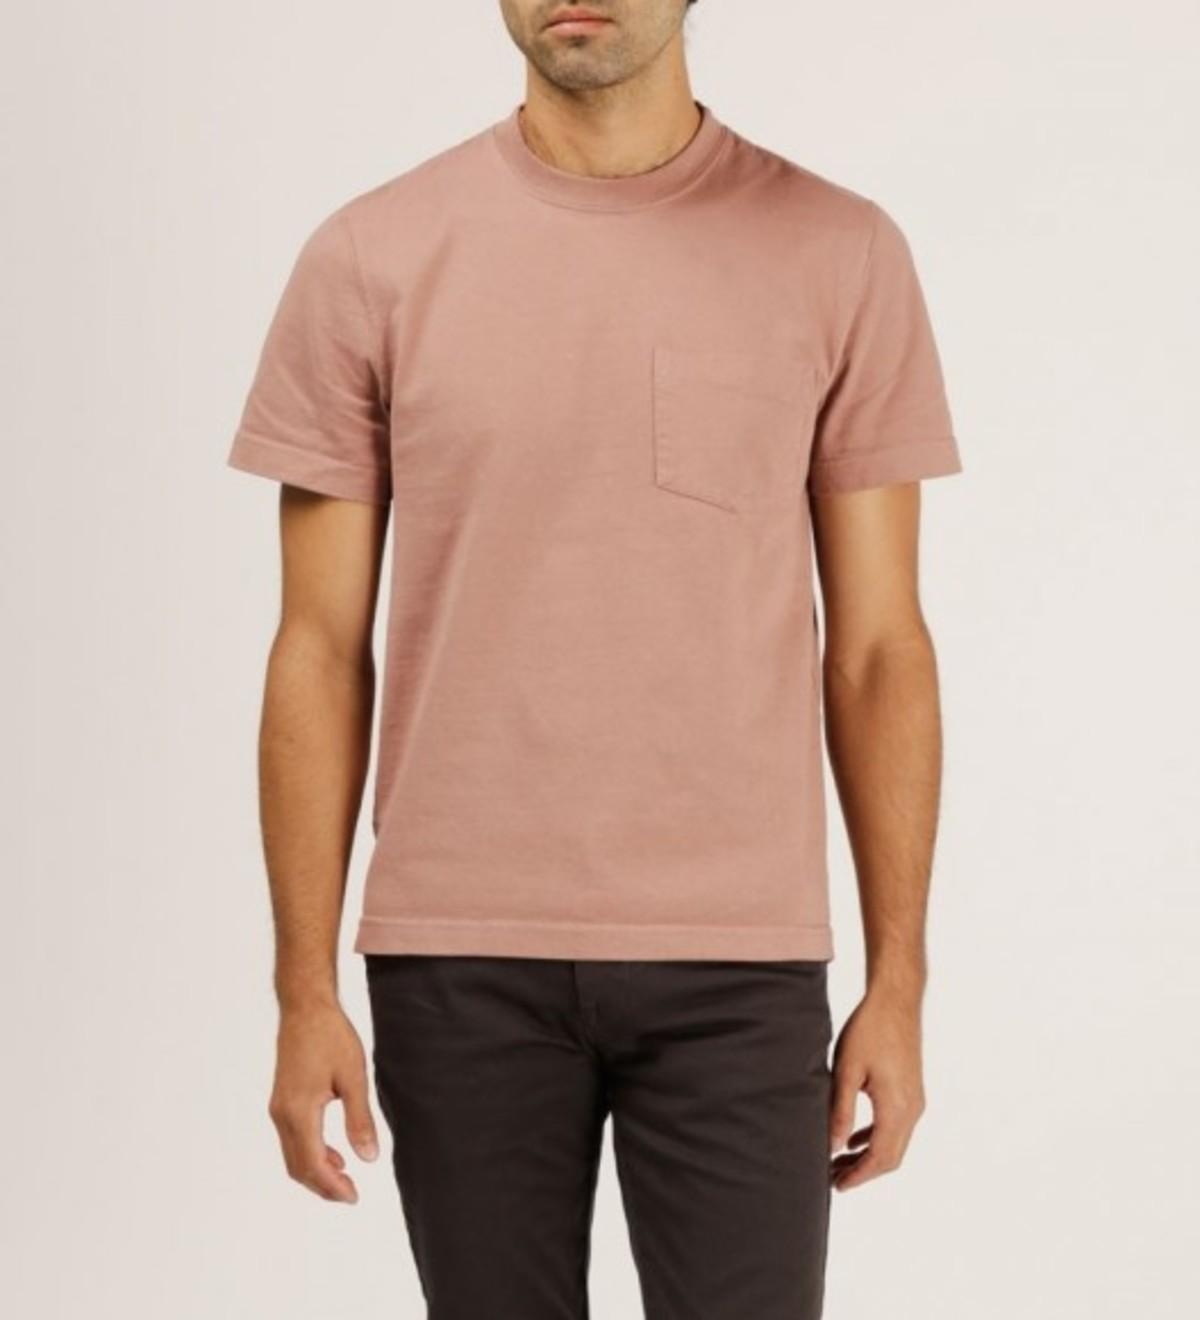 db4ec557ee5 WELCOME STRANGER OD Bison Pocket T-Shirt - Burlwood